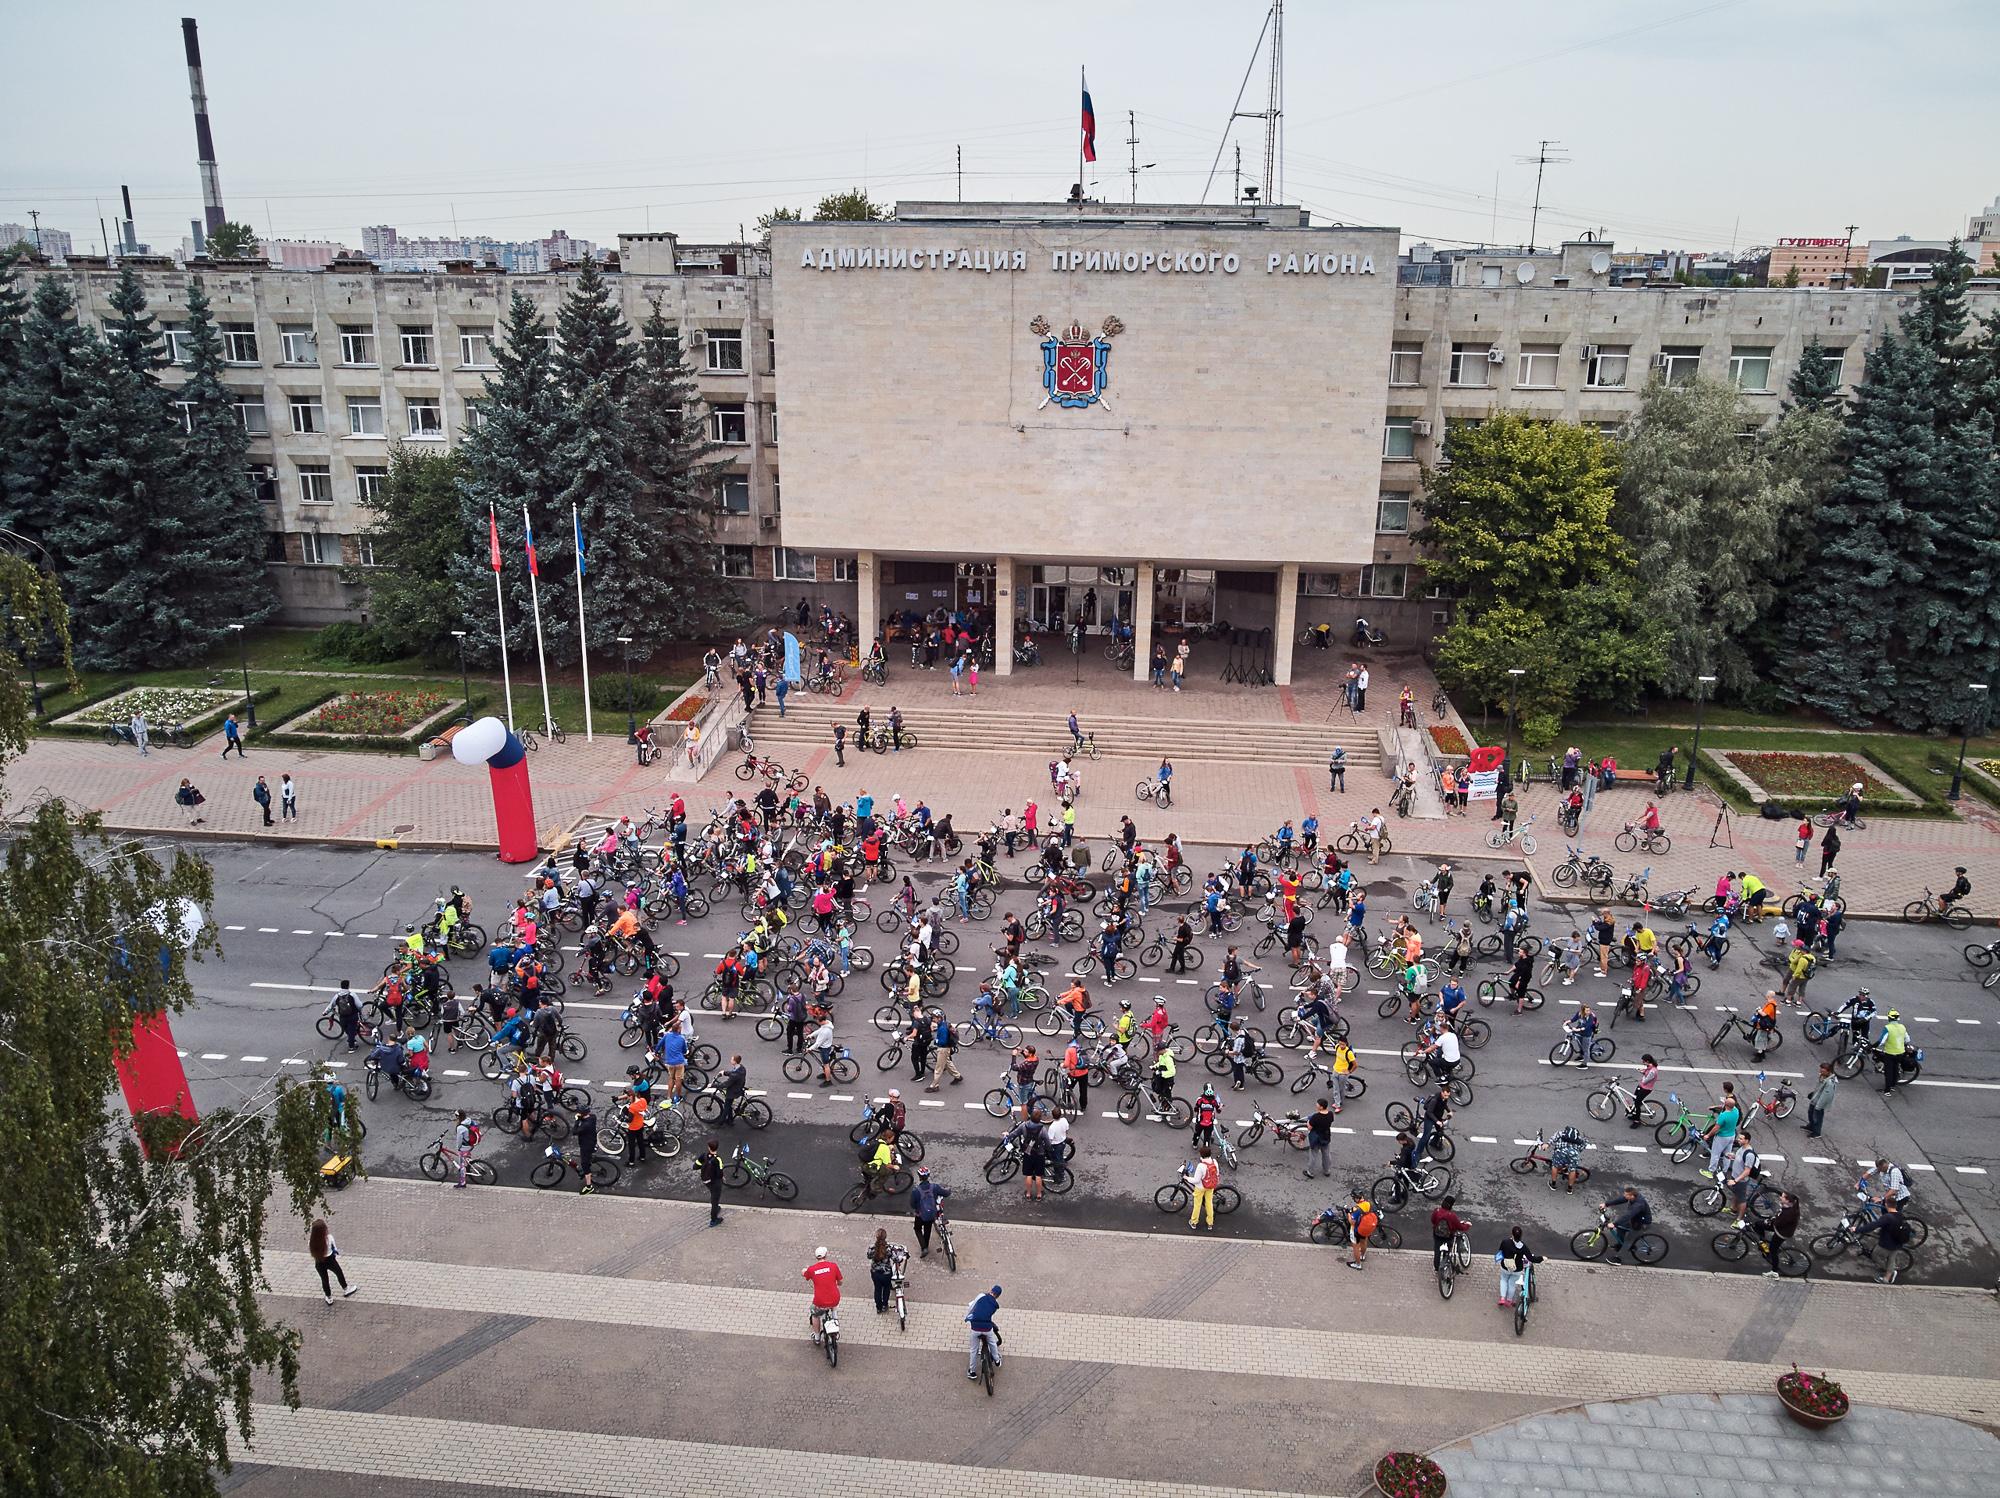 Приморская восьмерка 2018 (13 of 26)